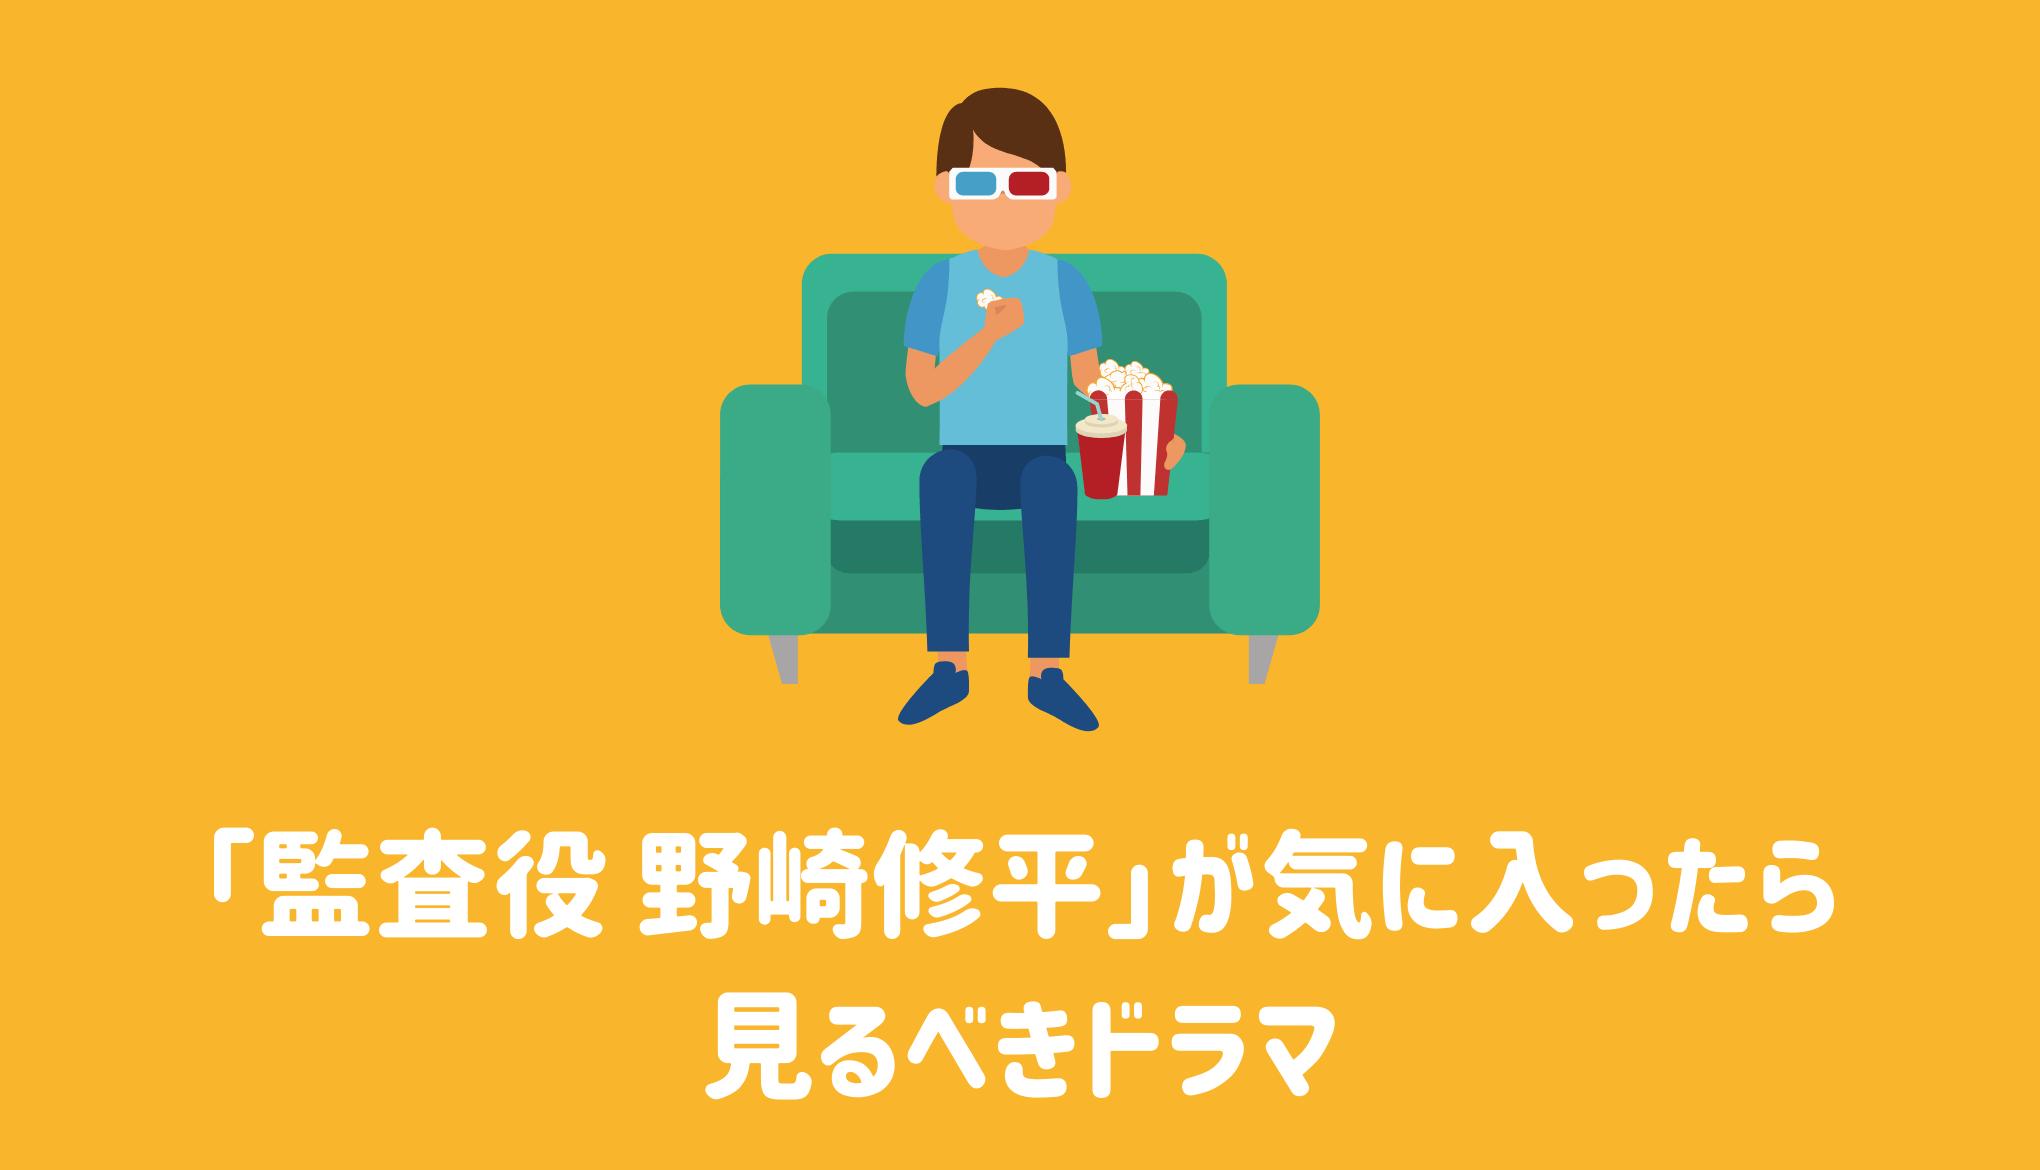 WOWOWオリジナルドラマ「監査役 野崎修平」が気に入ったら見るべきドラマ